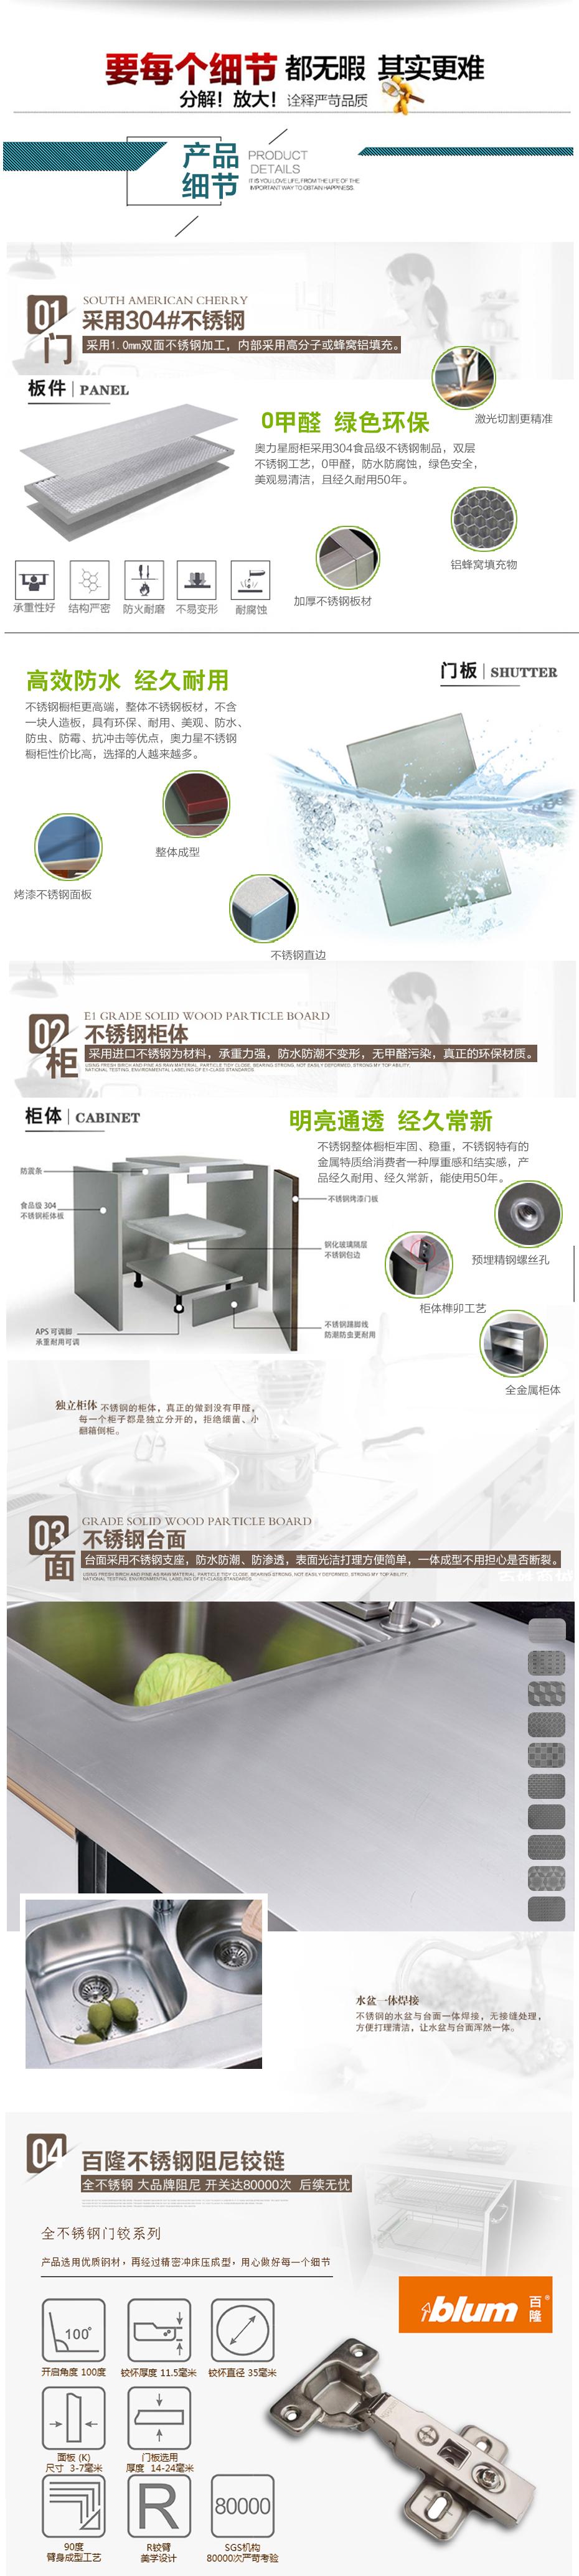 不锈钢厨房柜的产品细节